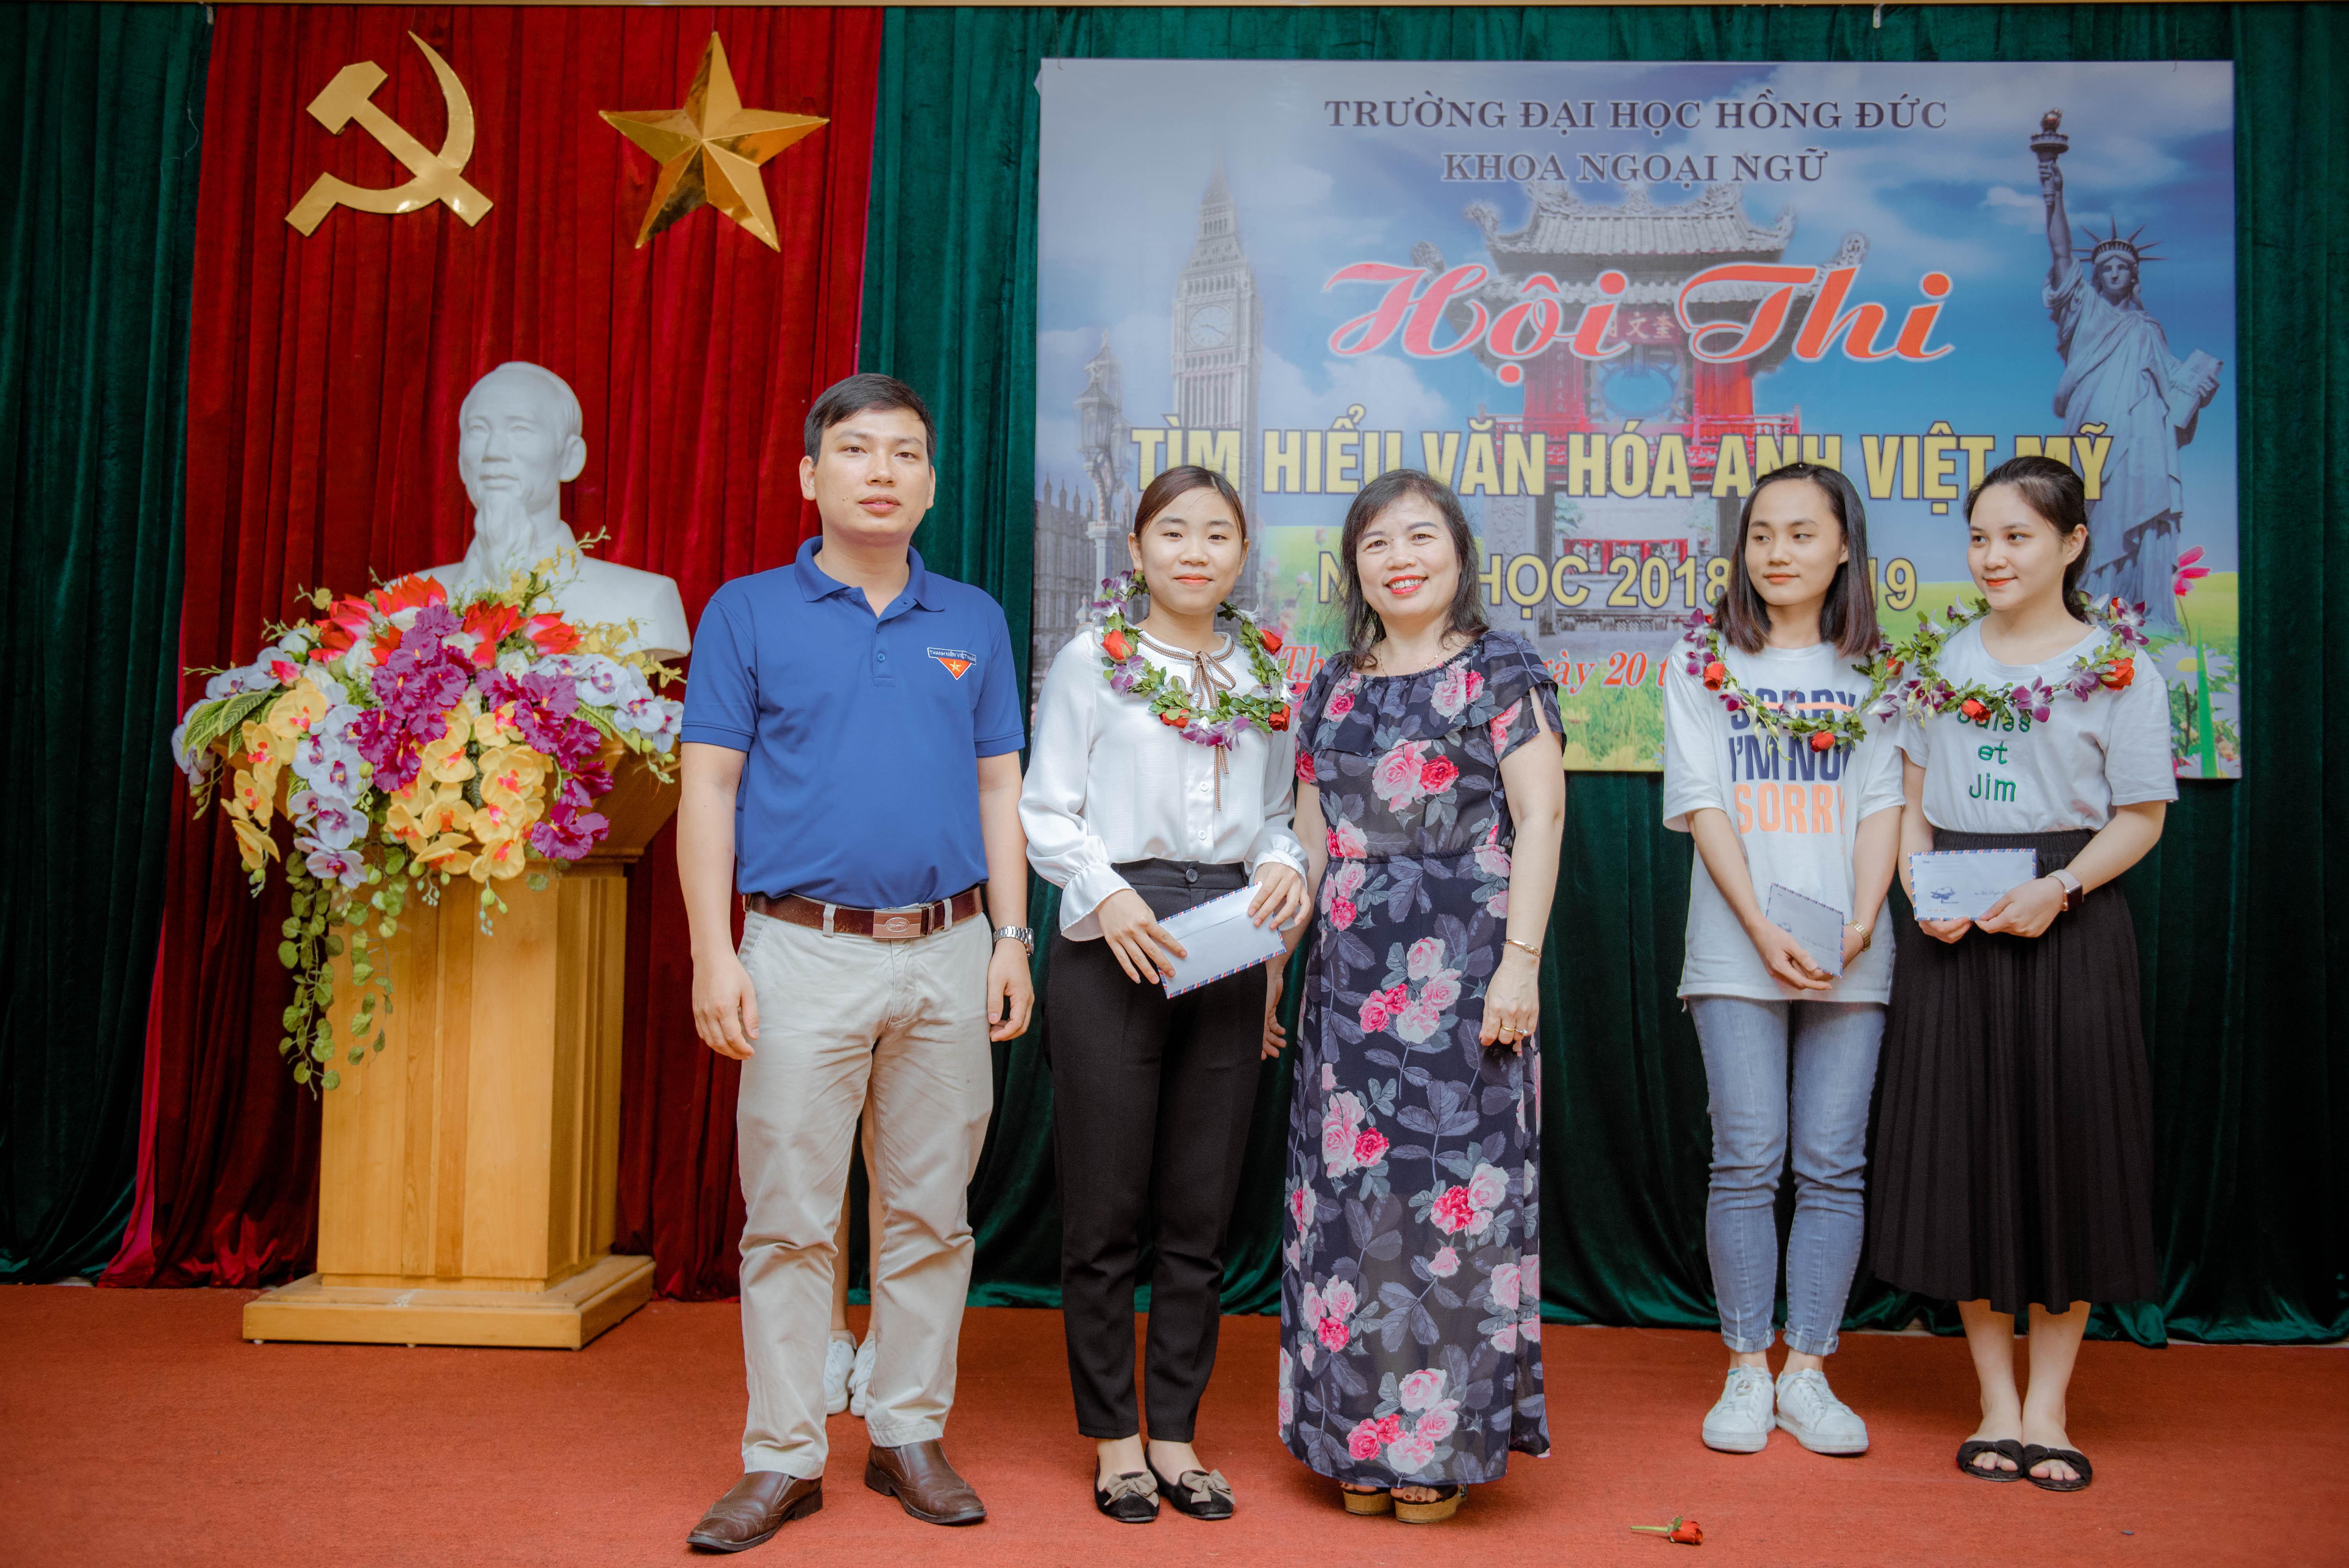 Cuộc thi Olympic Tiếng Anh và Hội thi Tìm hiểu văn hóa Anh - Việt – Mỹ trường Đại học Hồng Đức, năm học 2018 – 2019